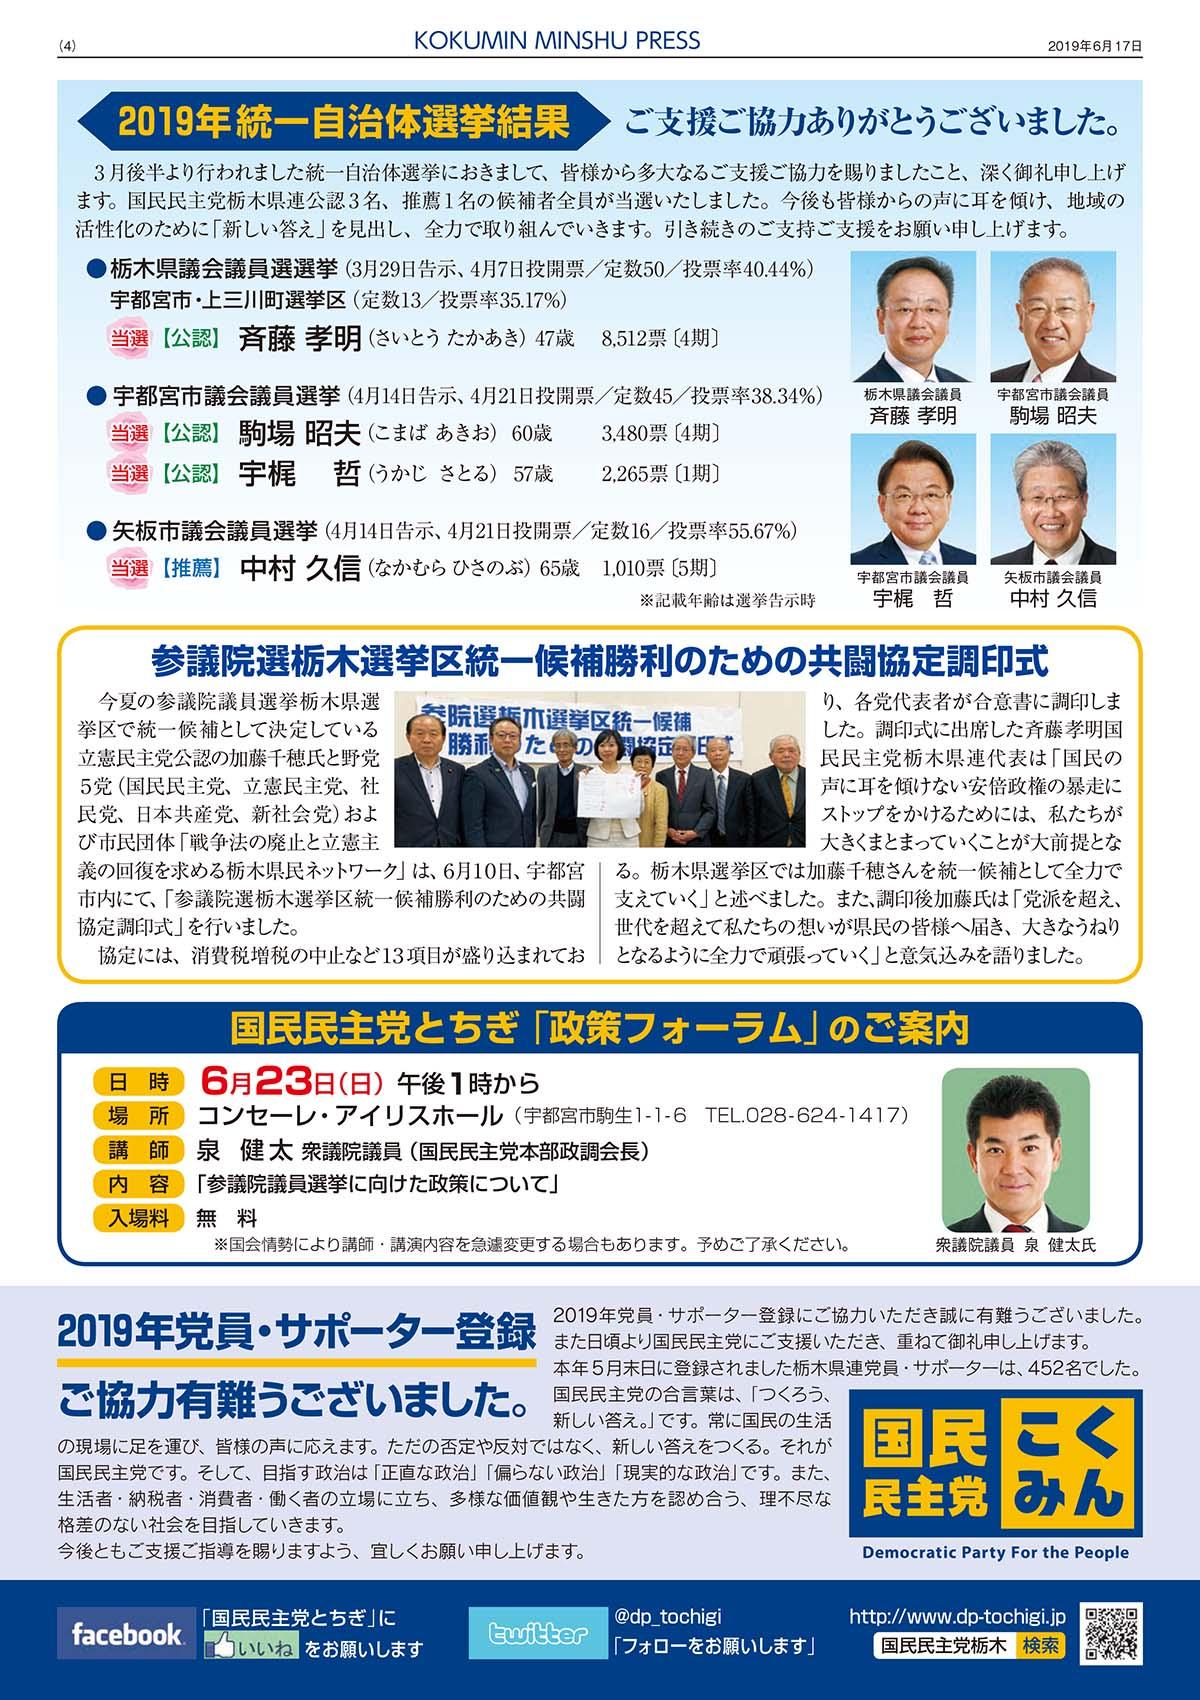 国民民主プレスとちぎ_6月号-4